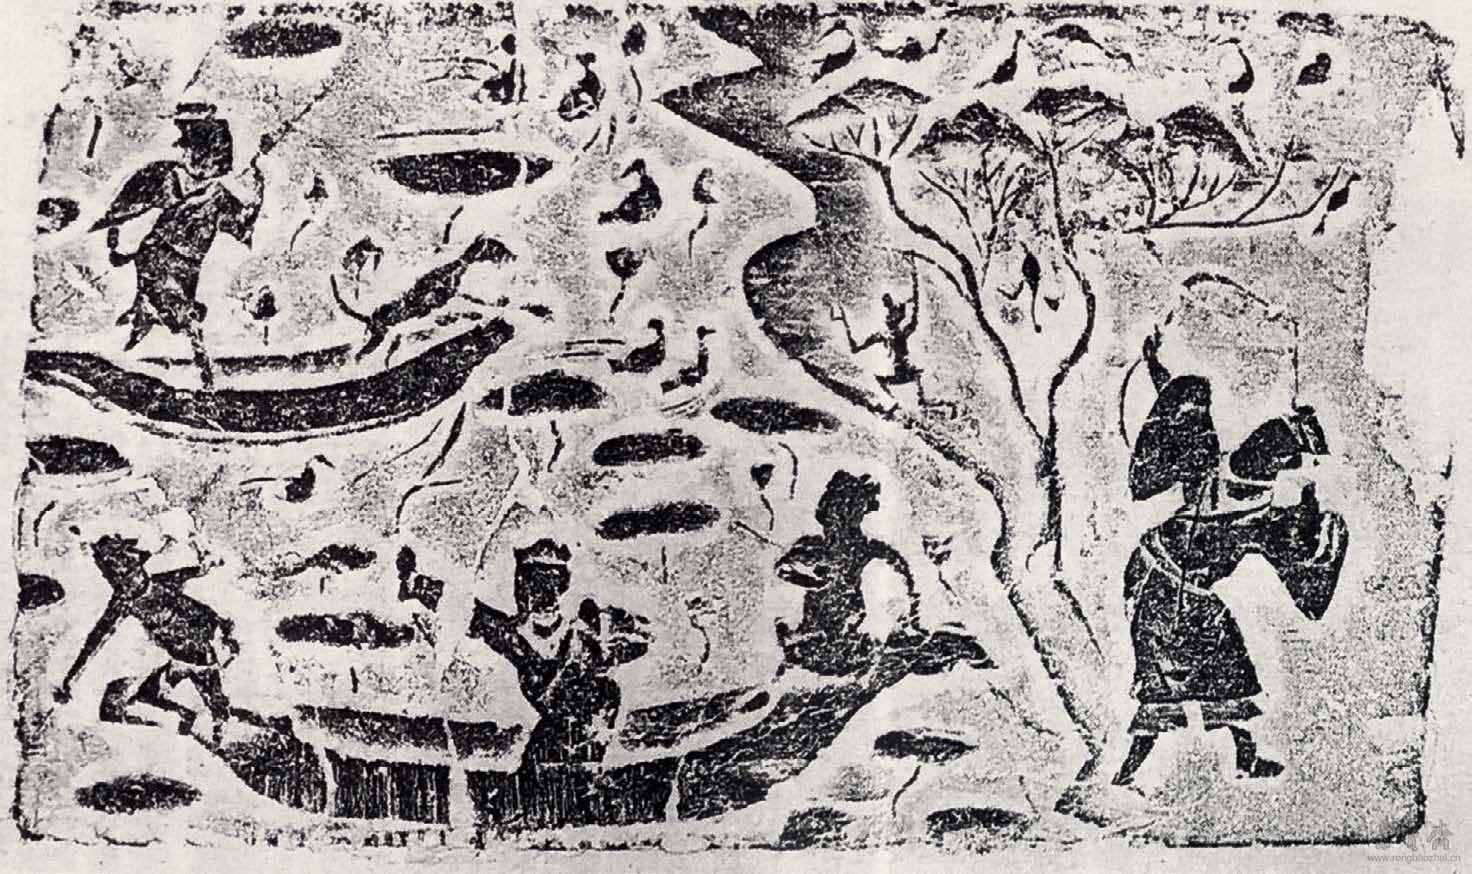 荷塘渔猎画像砖